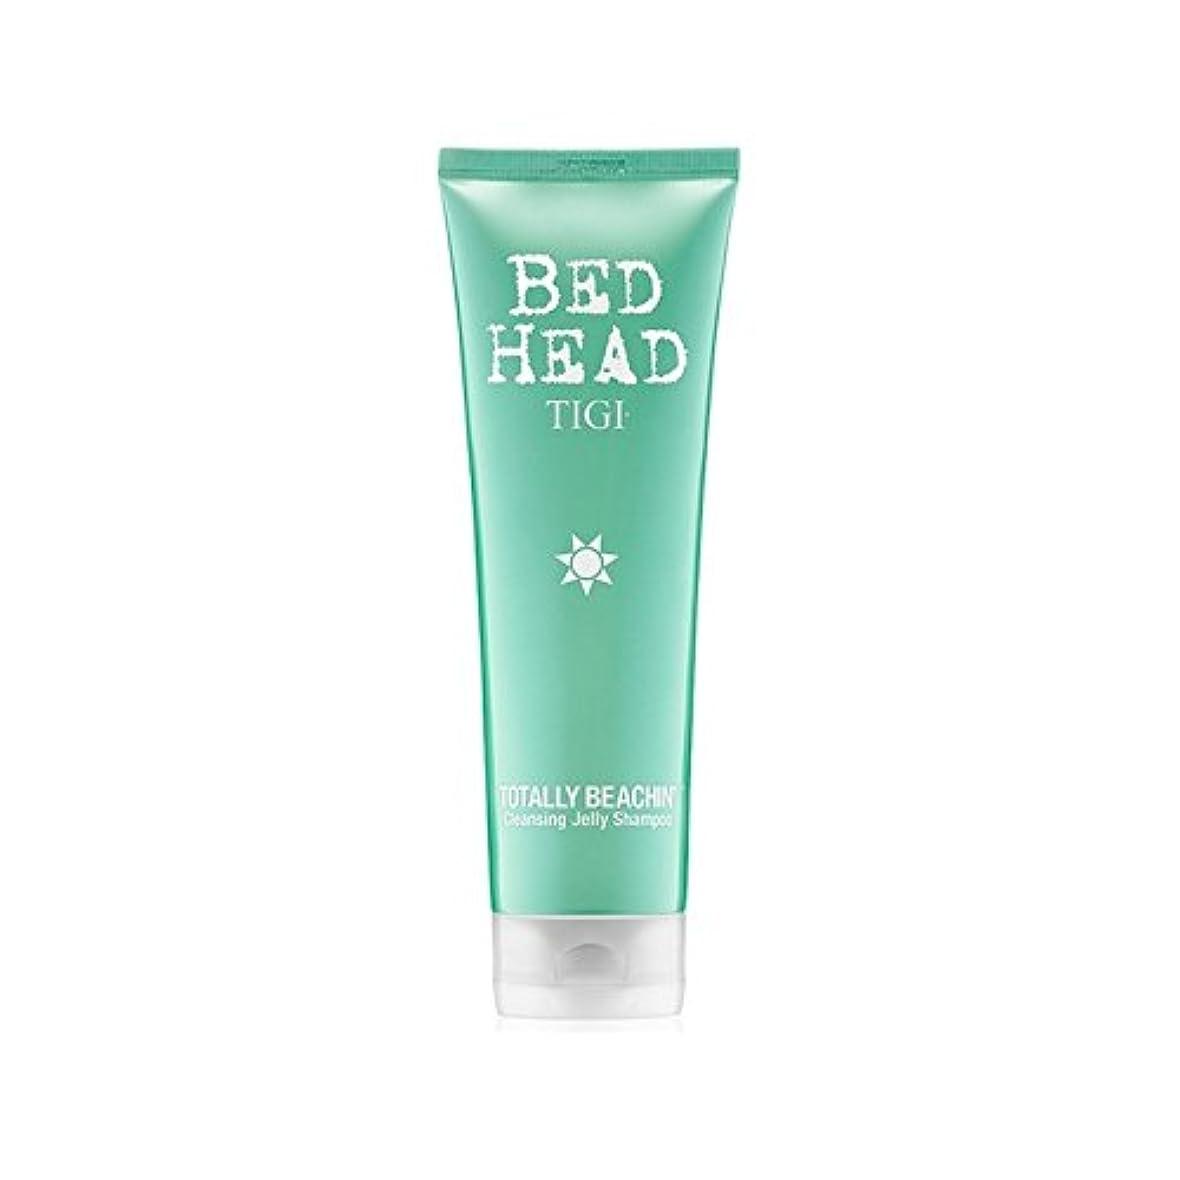 毒液スイインタネットを見る完全にクレンジングゼリーシャンプー(250ミリリットル)ティジーベッドヘッド x4 - Tigi Bed Head Totally Beachin Cleansing Jelly Shampoo (250ml) (Pack of 4) [並行輸入品]